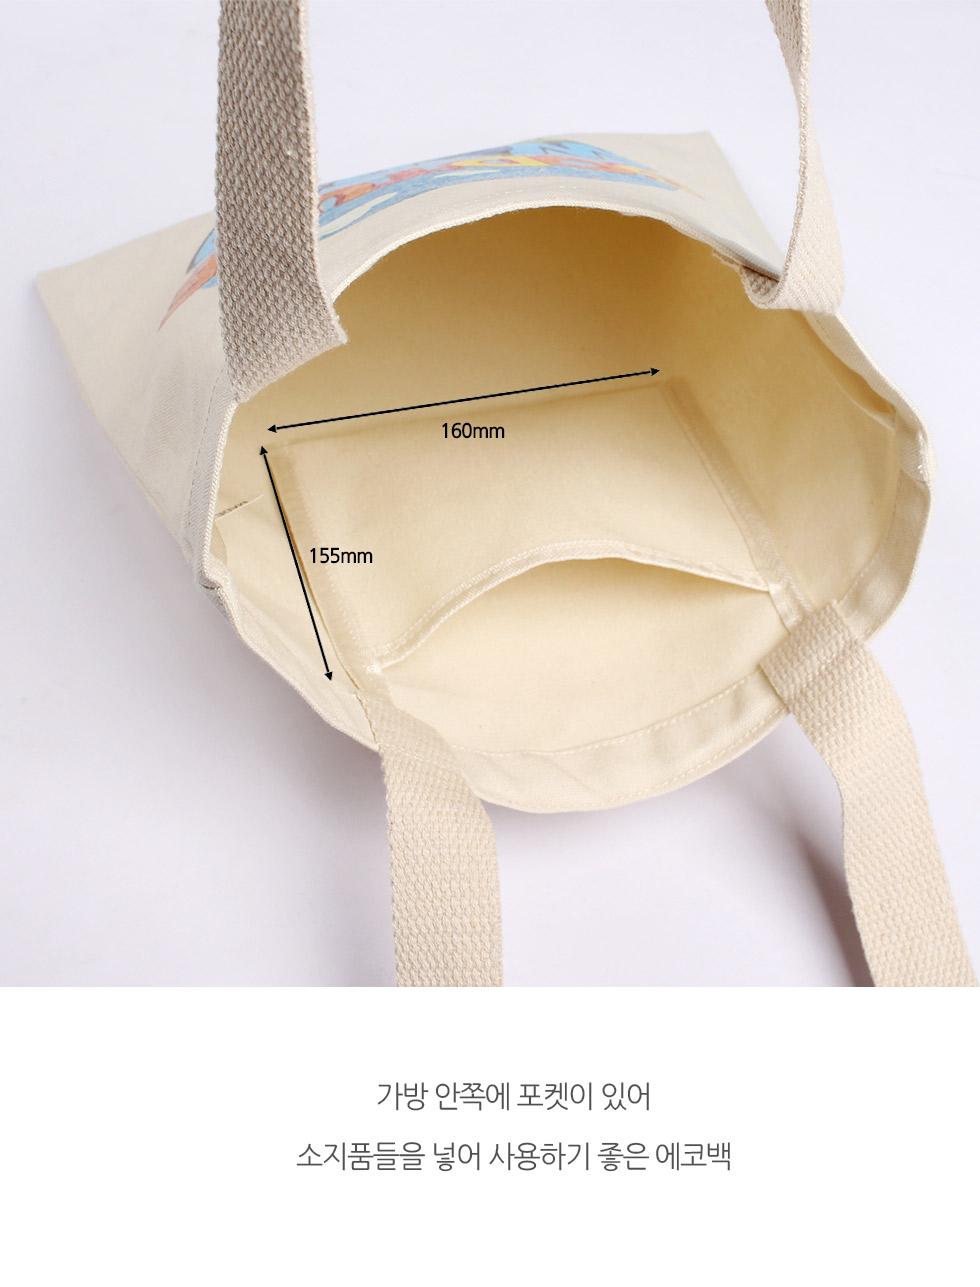 메시지 에코백 GOD TUBE WORLD (갓튜브월드) 안쪽 포켓이 있어 사용이 더 편리해요. 포켓사이즈는 가로 16센티미터, 세로 15.5센티미터예요.